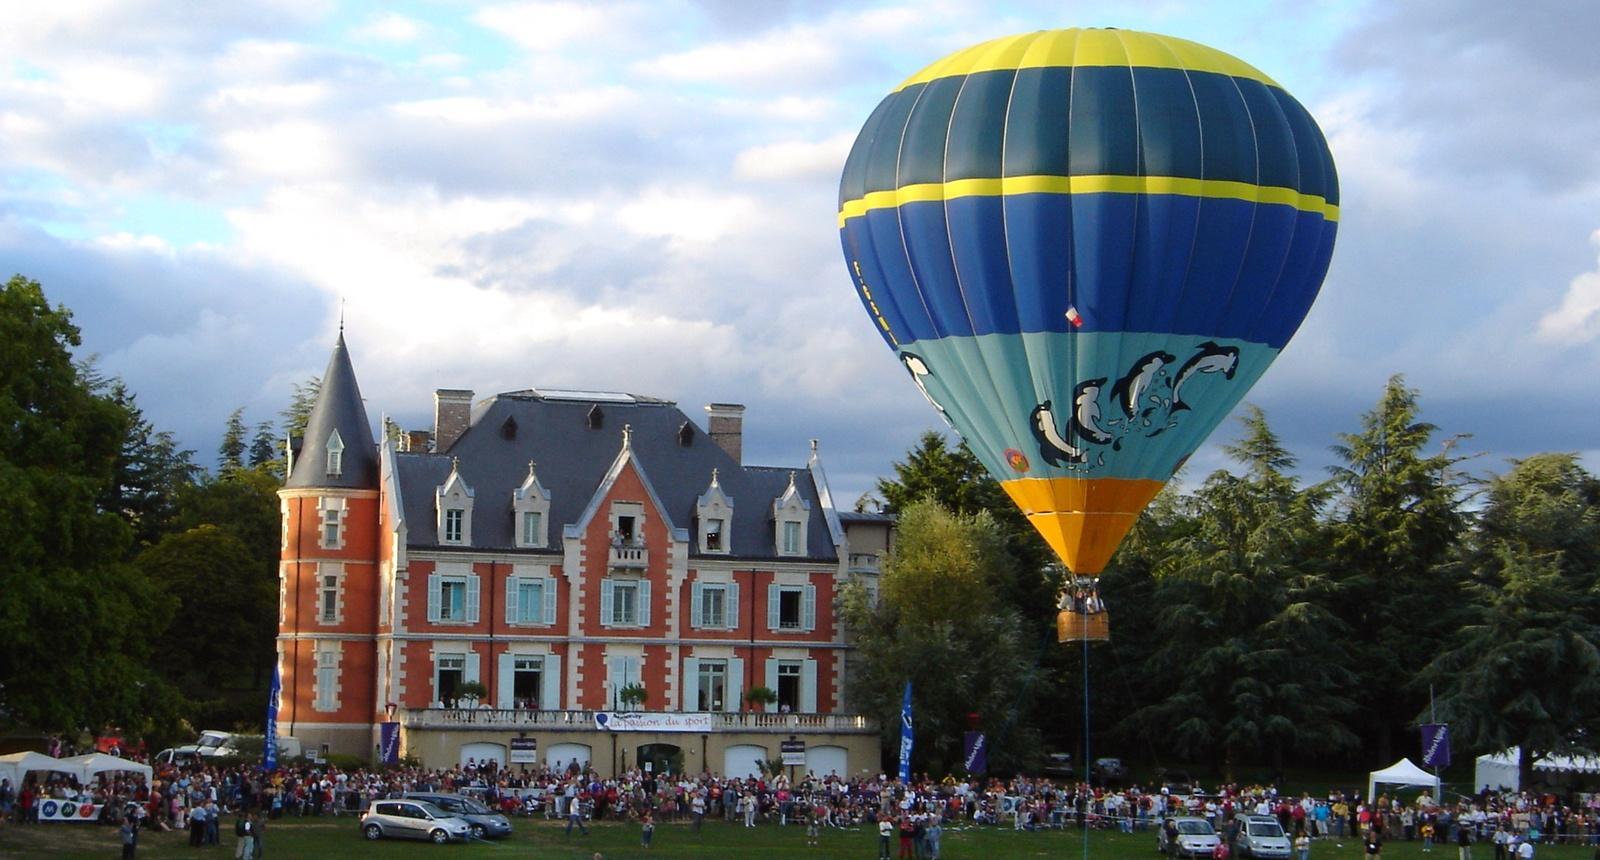 Annonay, site historique de la montgolfière